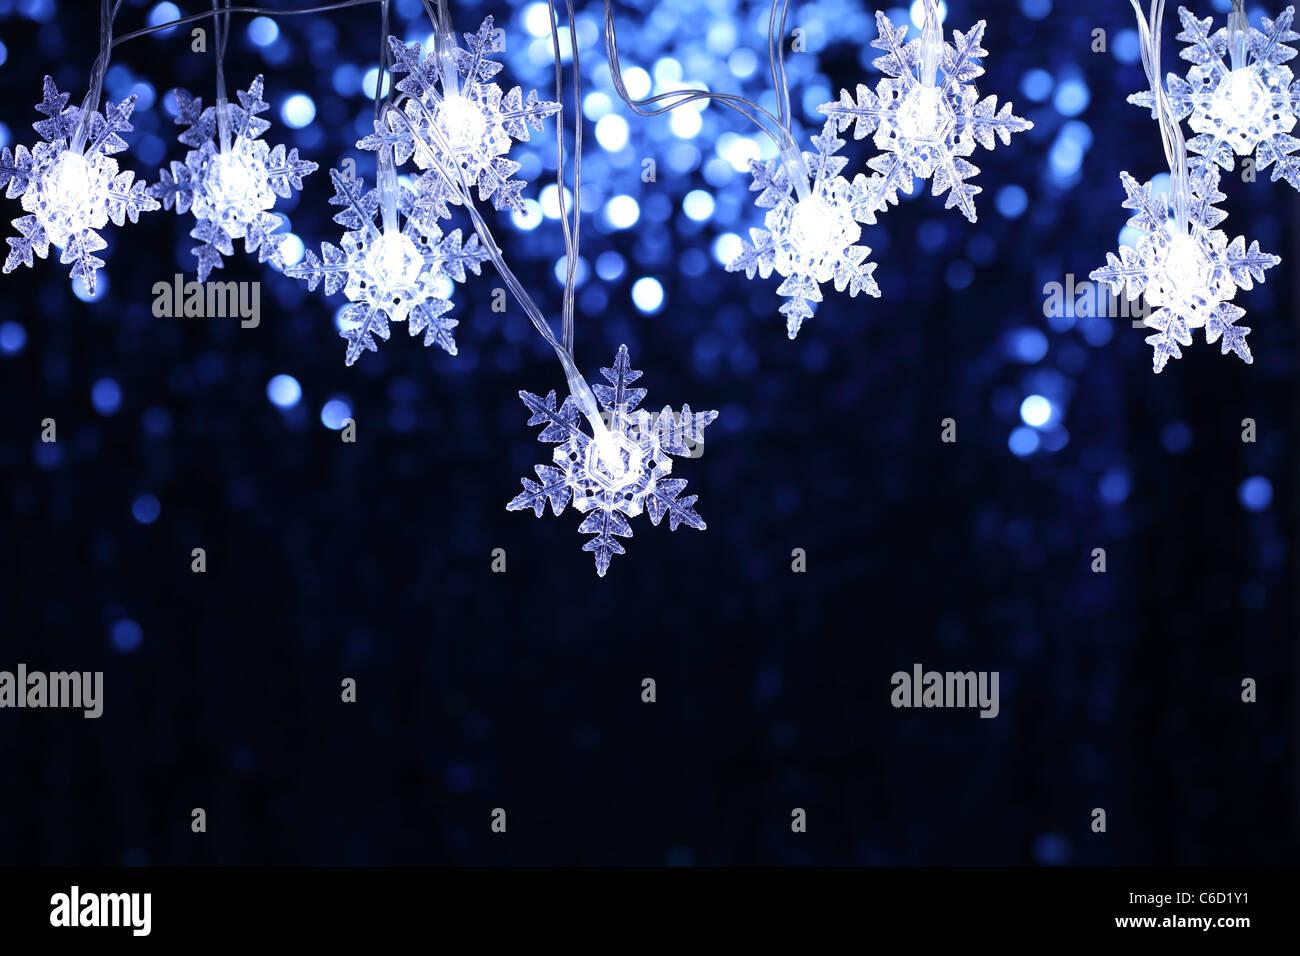 Blaue Weihnachtsbeleuchtung.Blaue Weihnachtsbeleuchtung Stockfotos Blaue Weihnachtsbeleuchtung